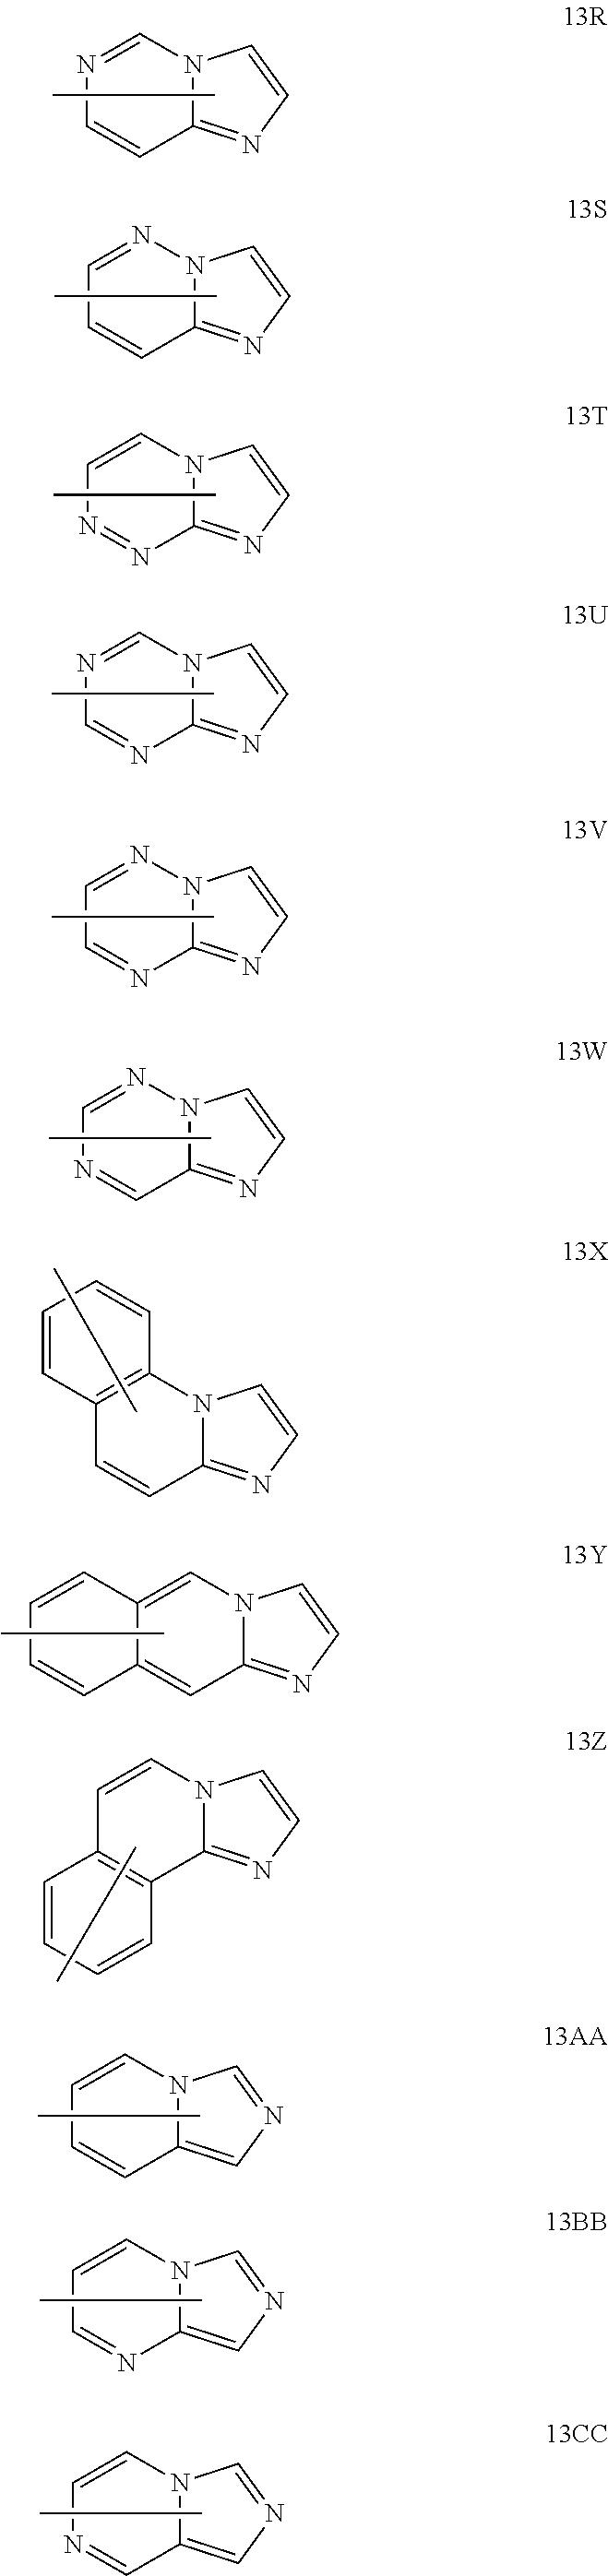 Figure US07875367-20110125-C00057